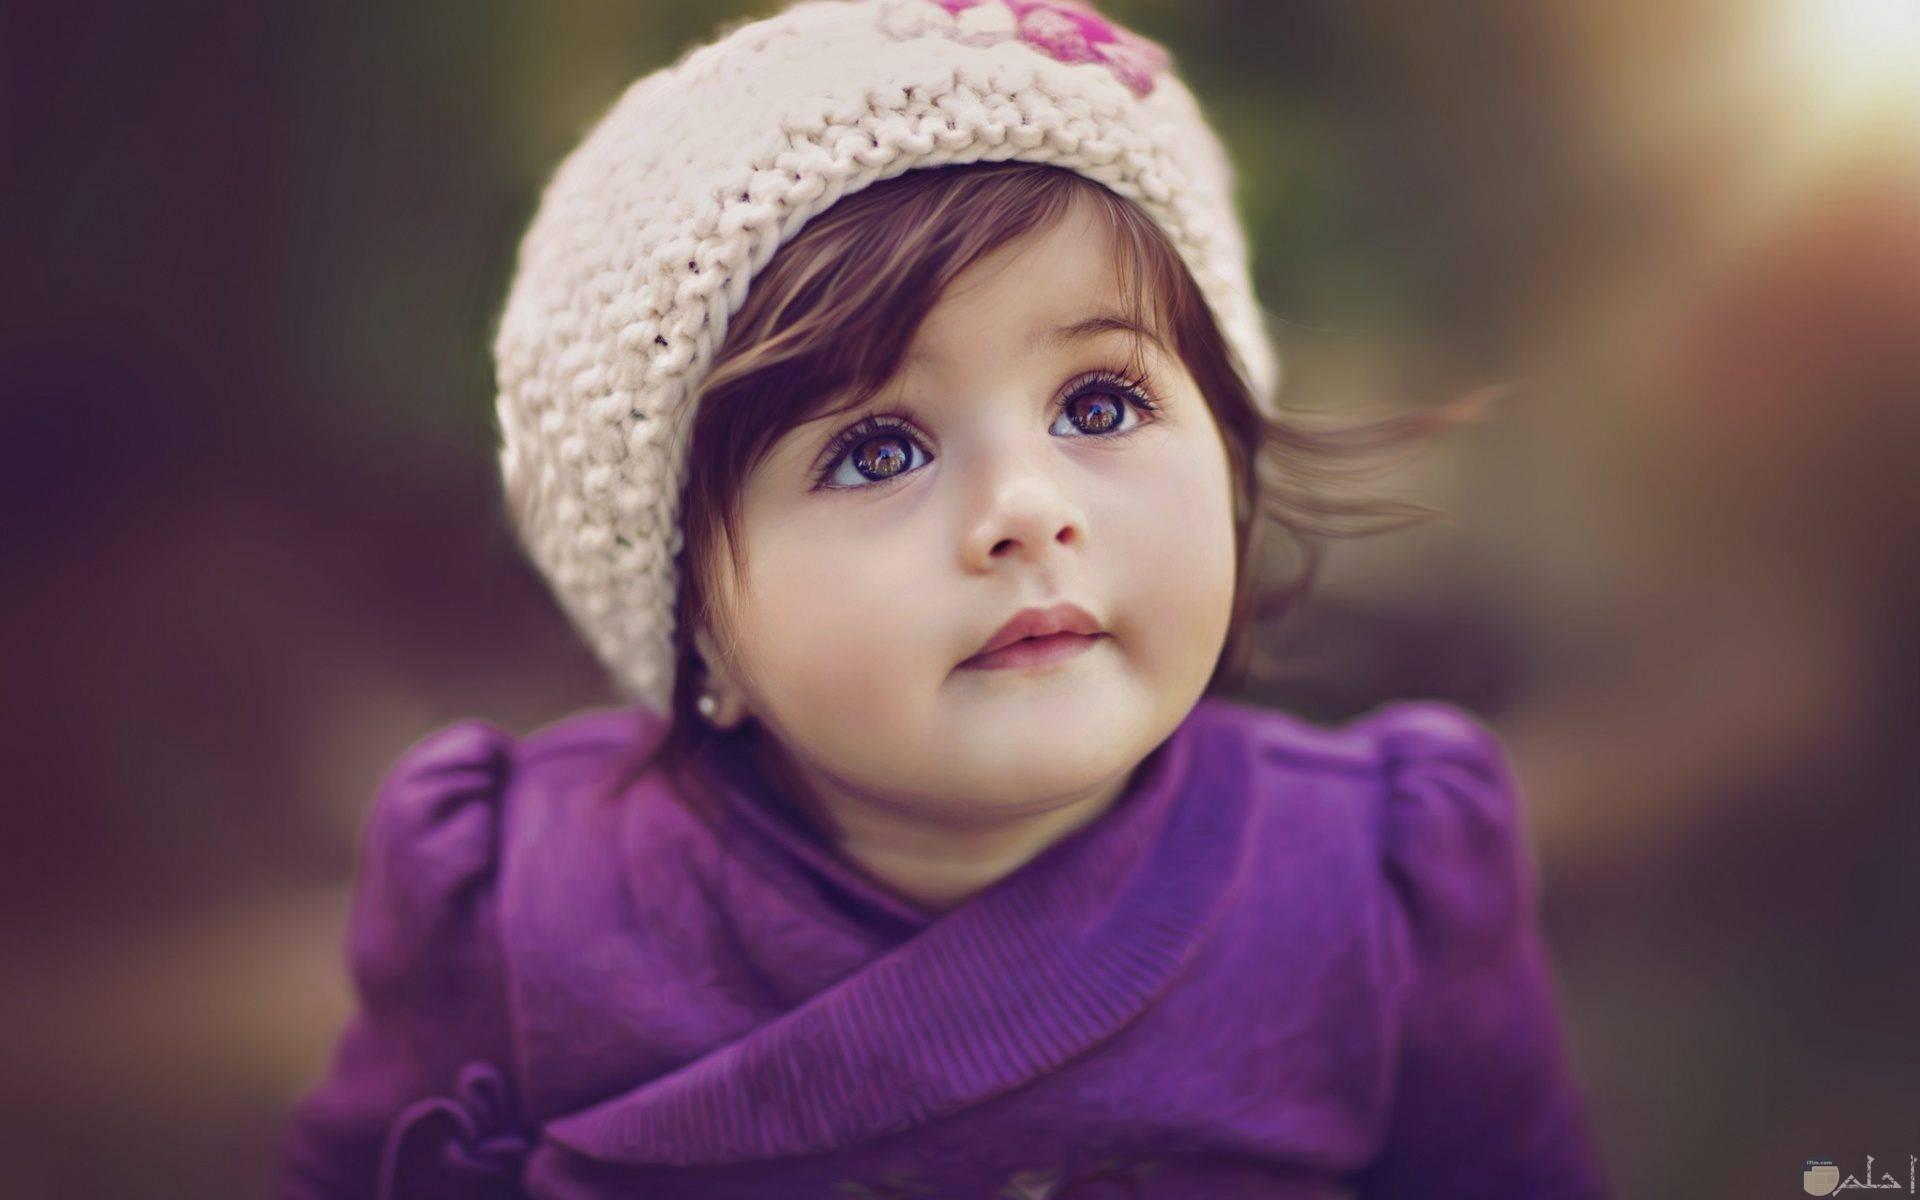 صور أطفال جميلة 2020 اجمل صور الاطفال صور بيبى جميلة ولاد وبنات صغار 12